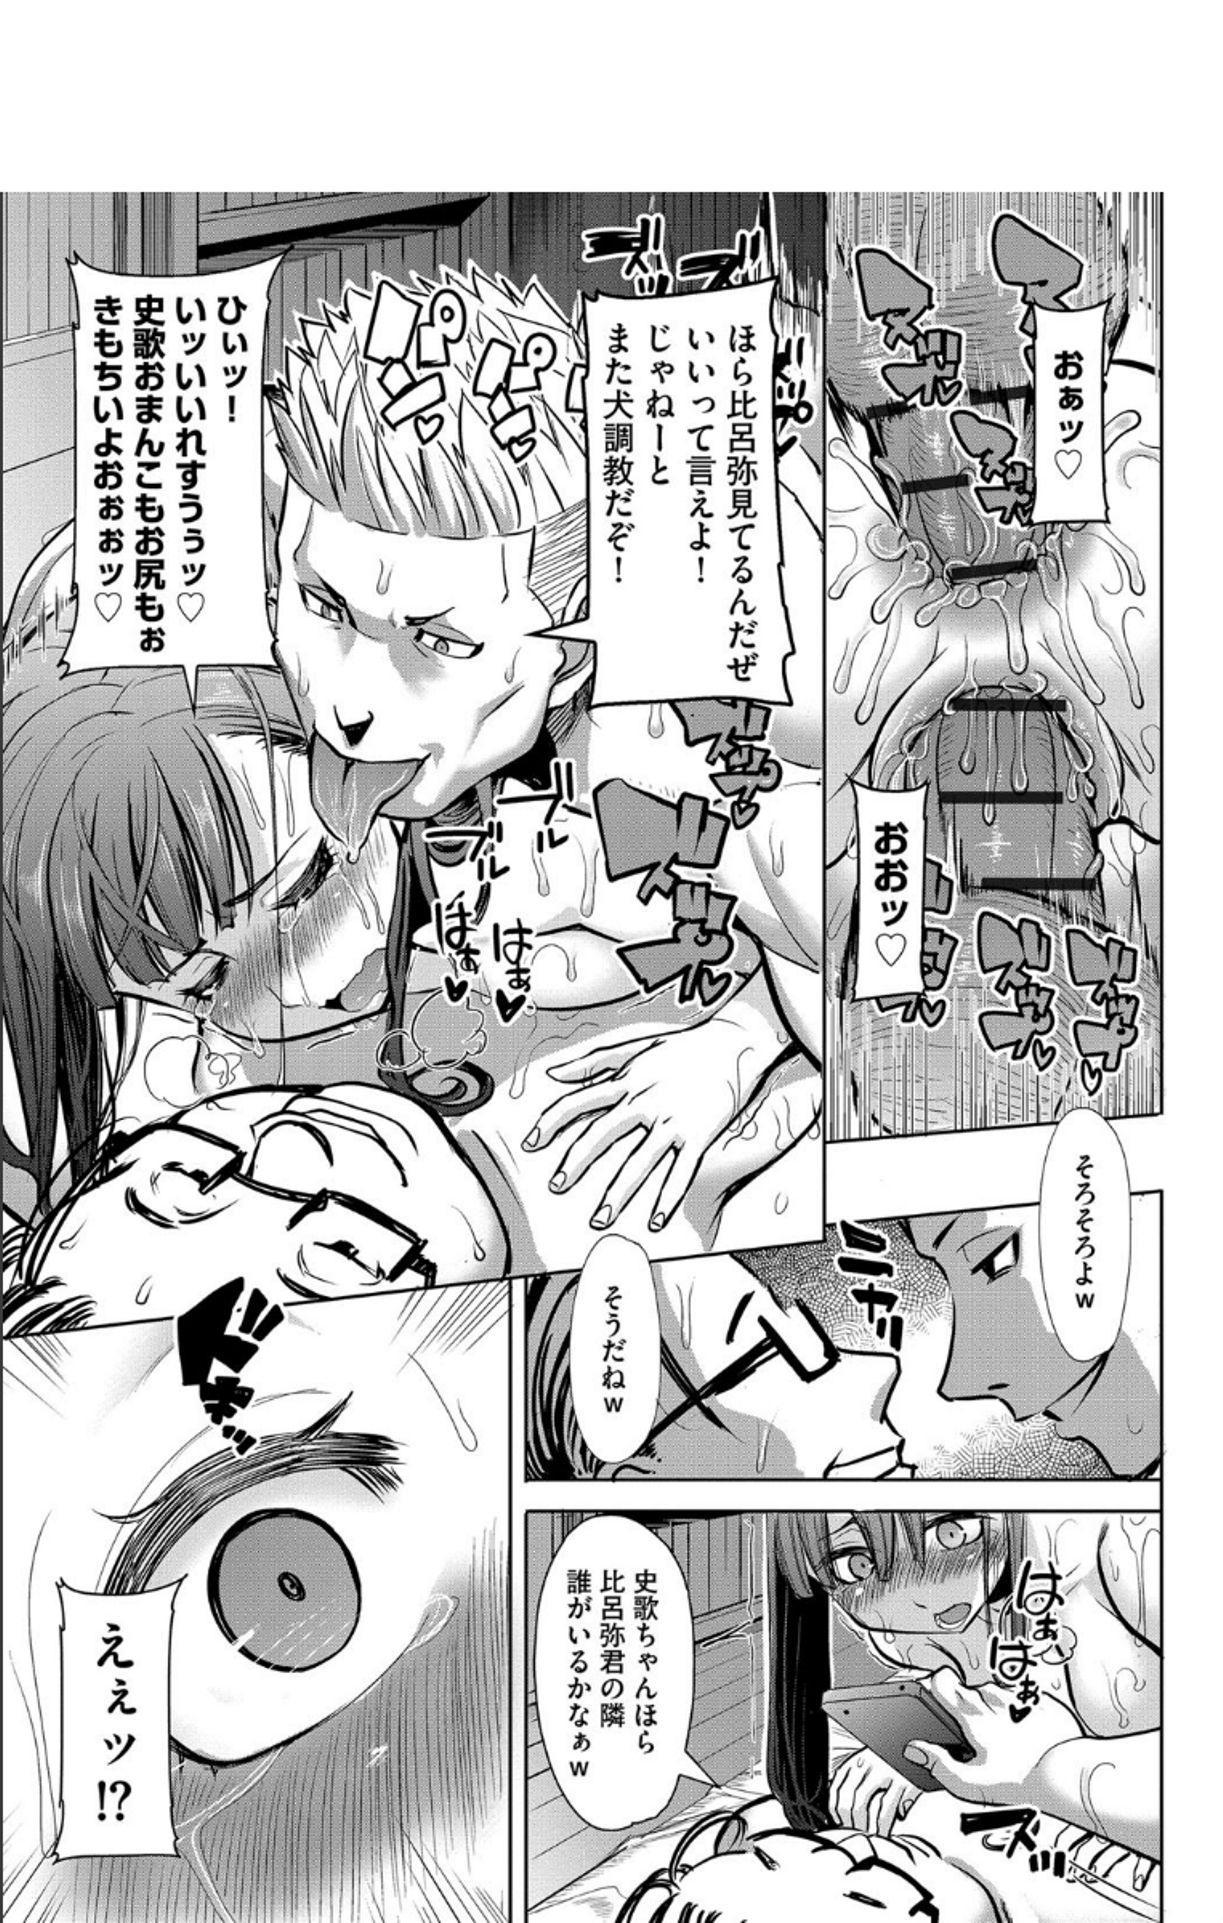 Boku no Kazoku o Sarashimasu + DMM Gentei Tokuten Paper 211